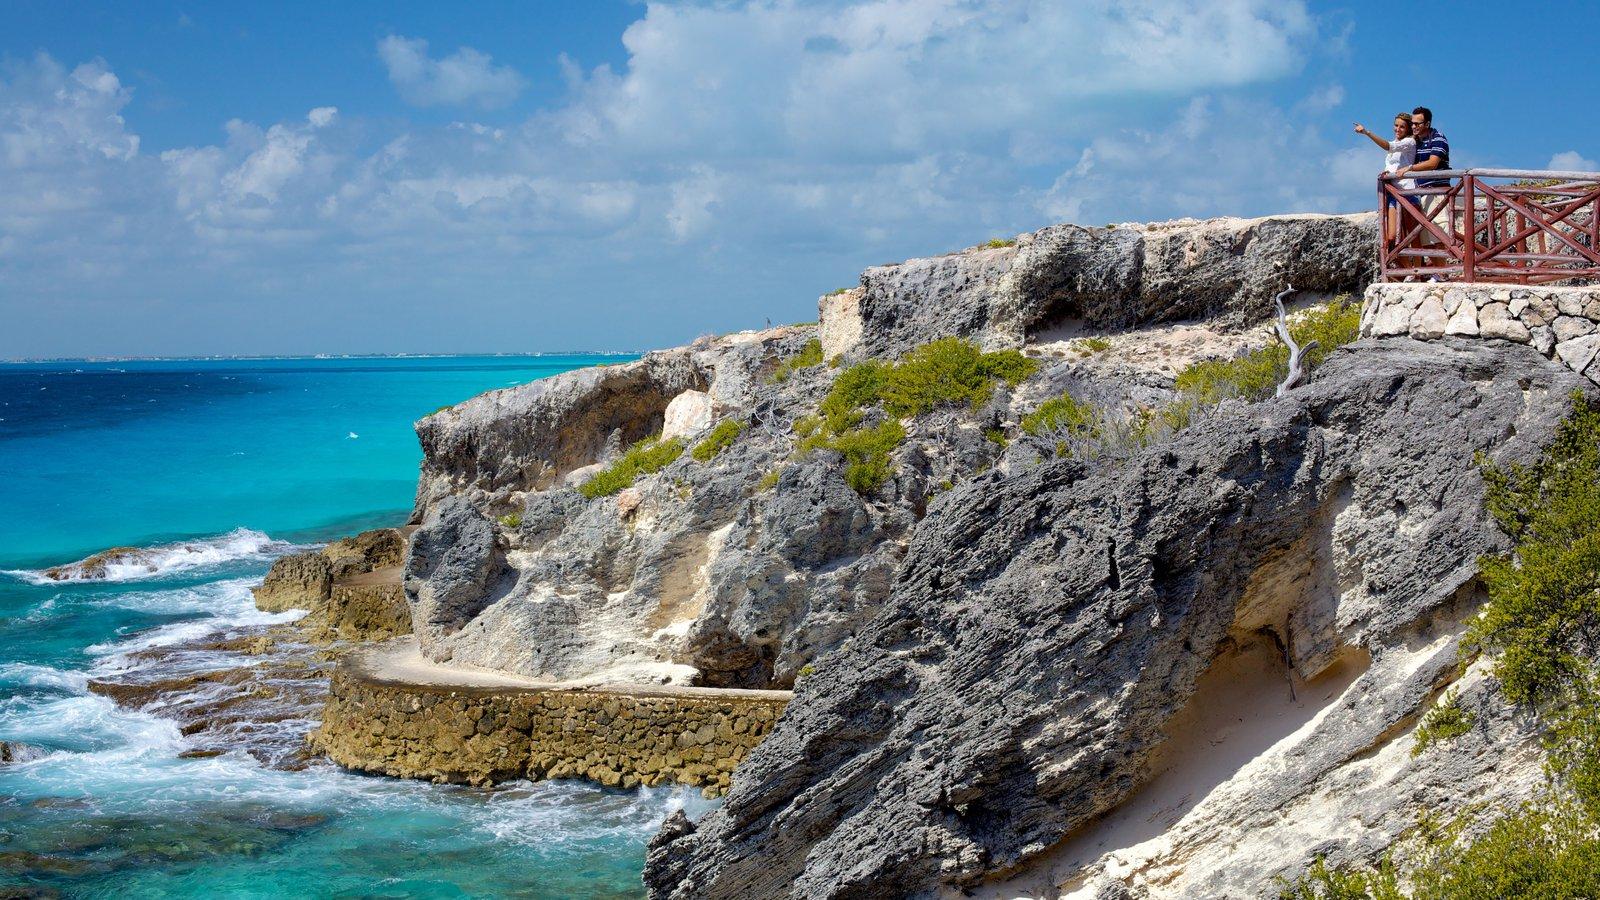 Isla Mujeres ofreciendo vistas y costa rocosa y también una pareja